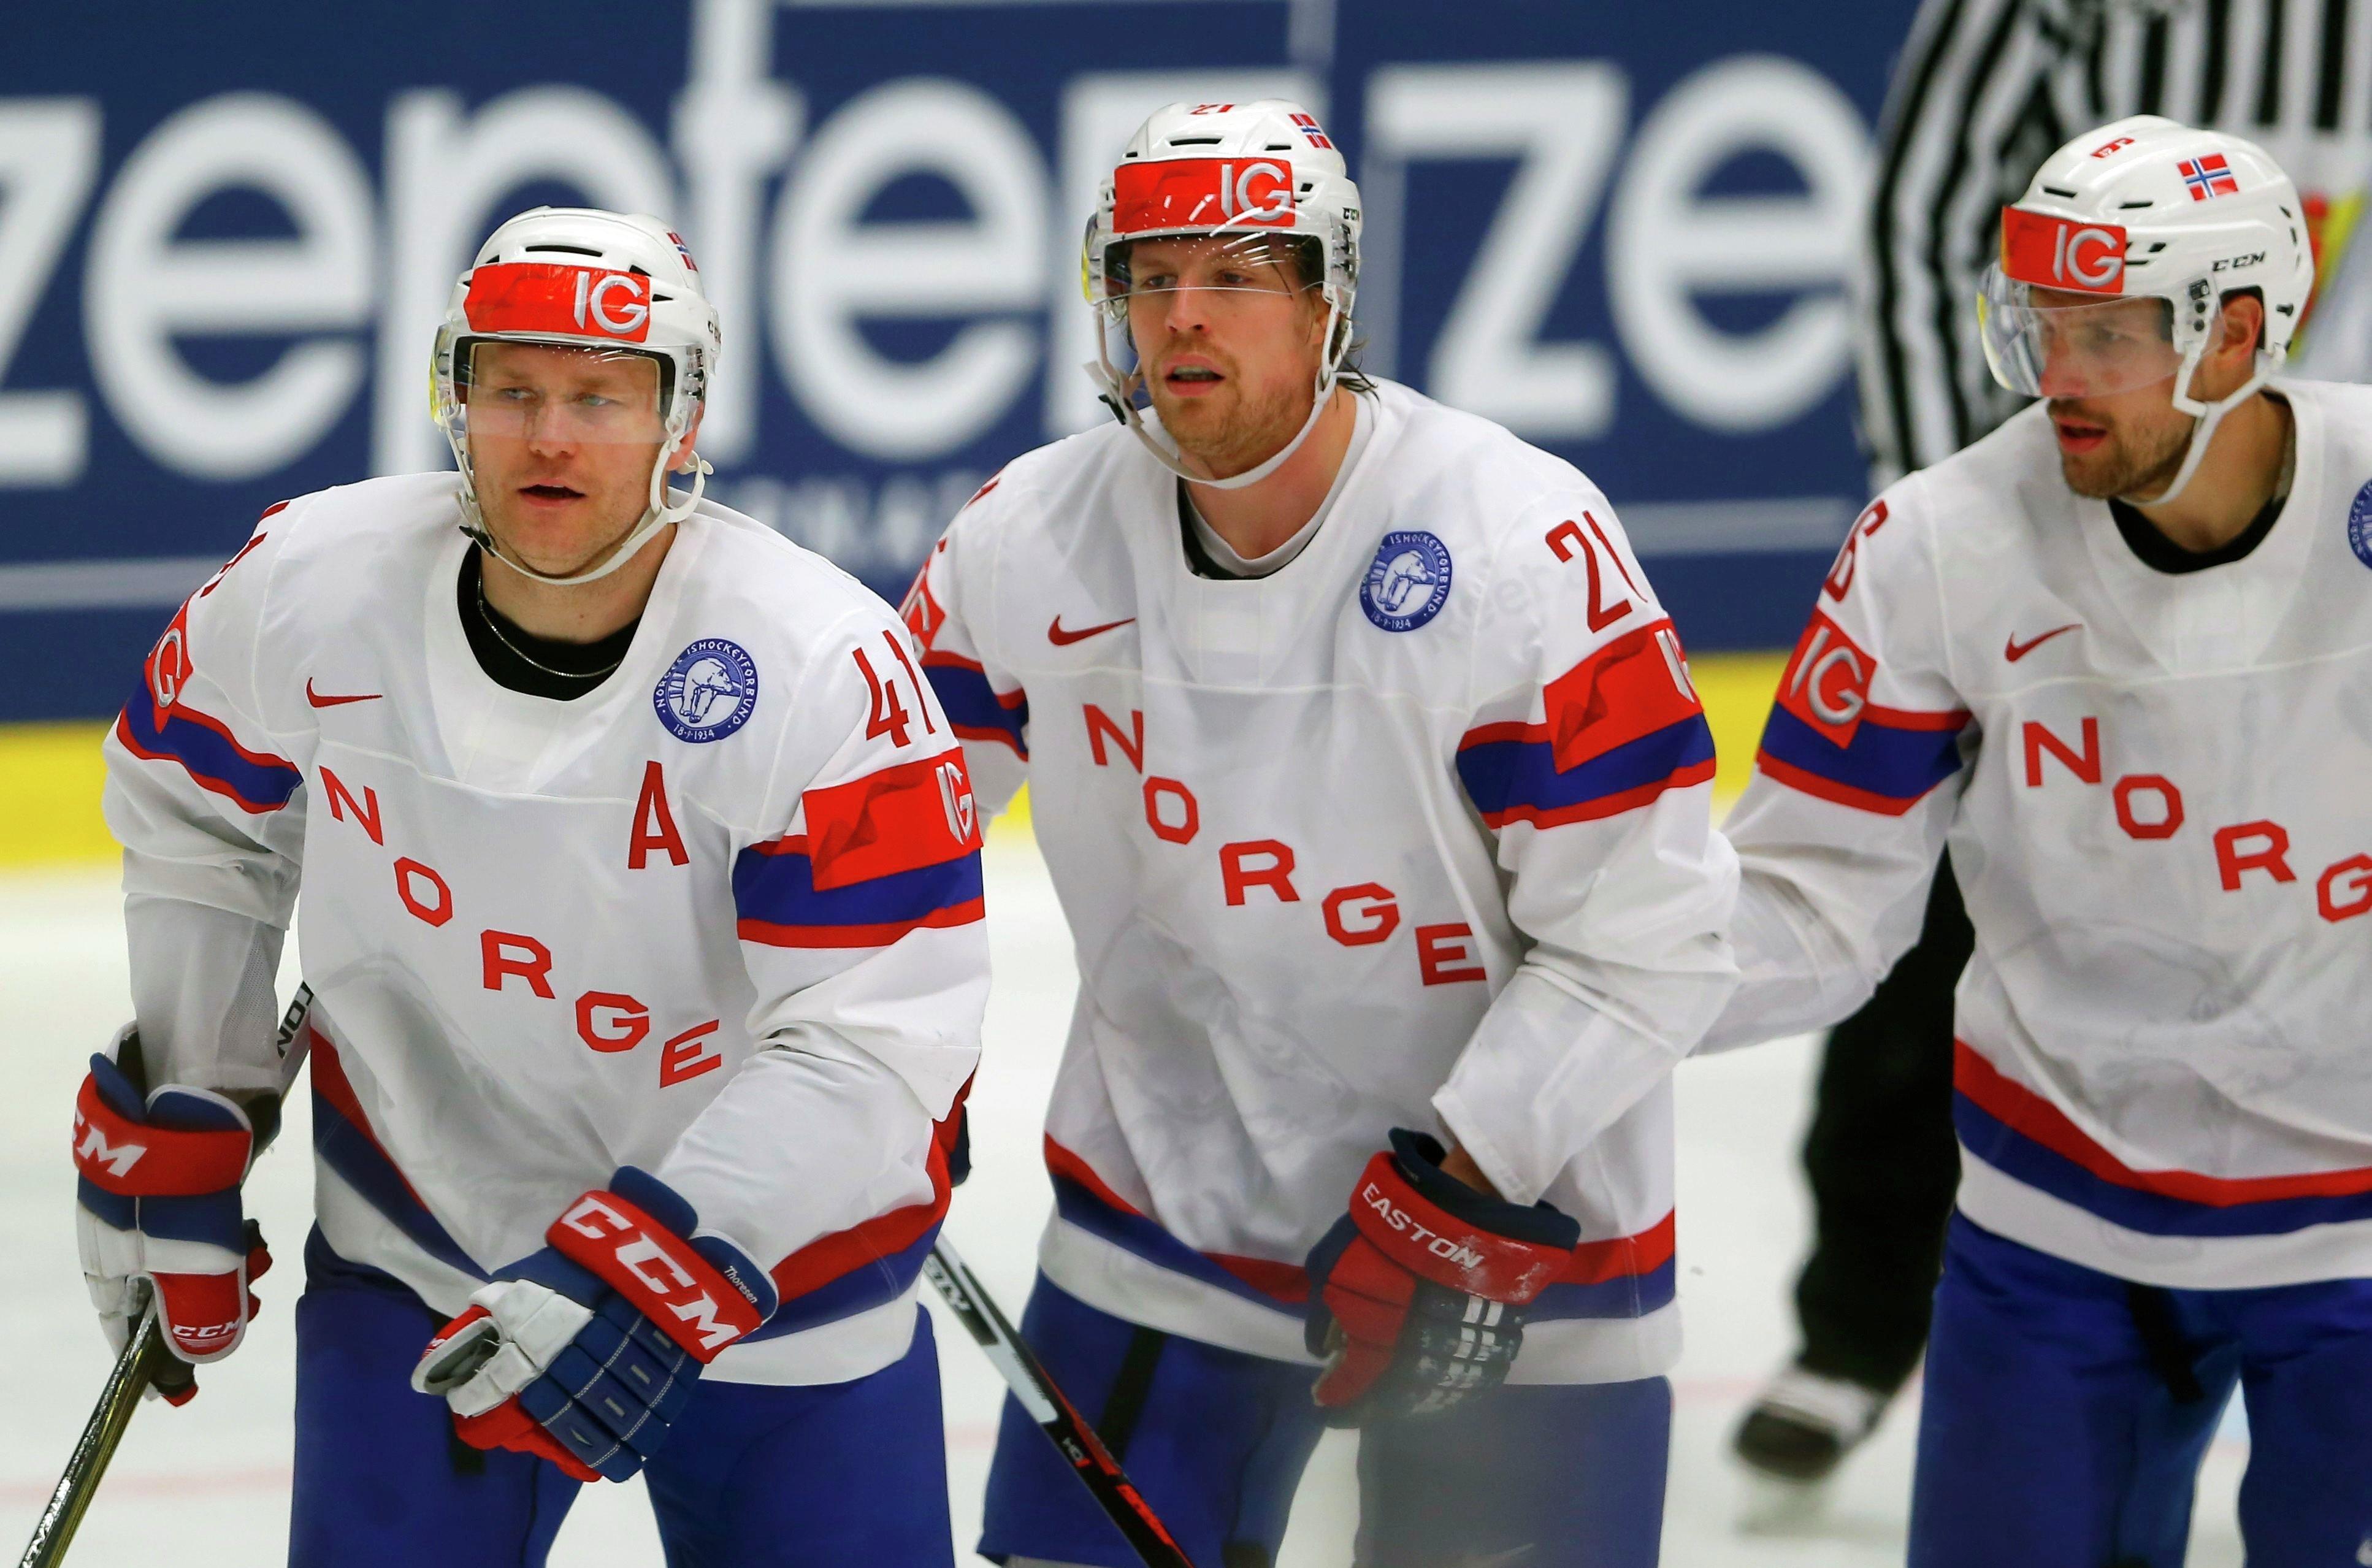 Патрик Торесен (слева) празднует гол в ворота сборной Беларуси с Мортеном Аском и Юнасом Холесом (слева направо)